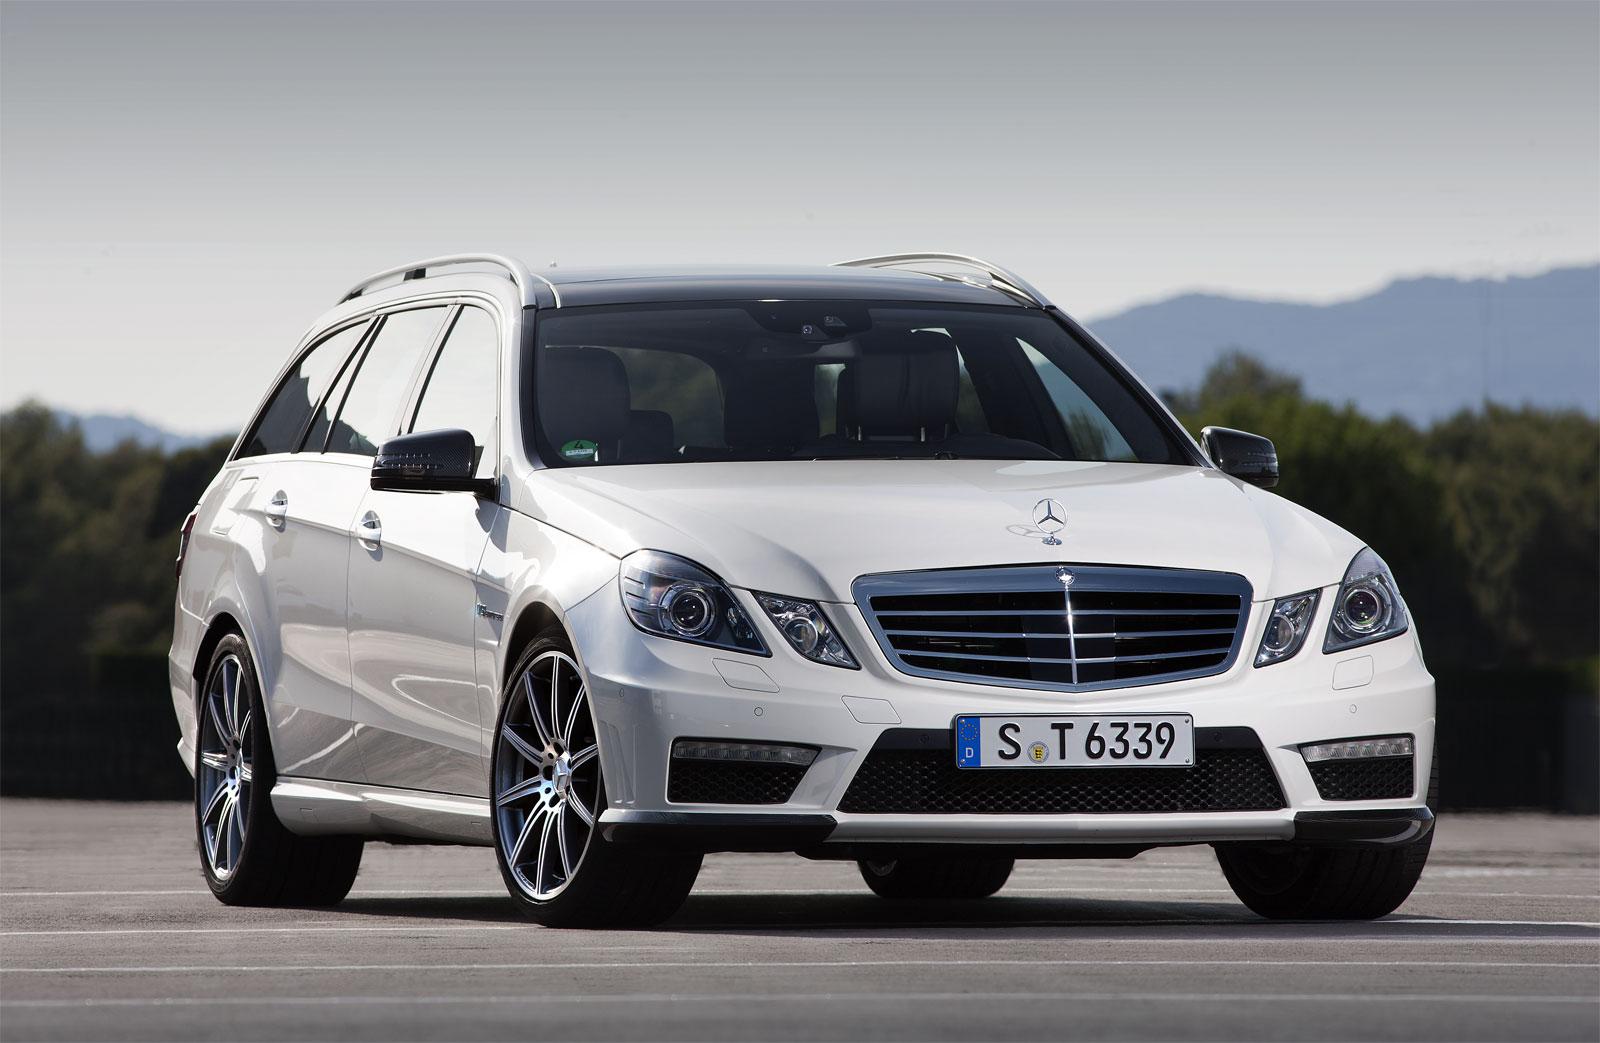 http://3.bp.blogspot.com/-_LmOUic5SSU/T_fcDpfft9I/AAAAAAAAEO8/fikeqyfvZhE/s1600/Mercedes-Benz+E63+AMG+Wagon+Hd+Wallpapers+2012_.jpg